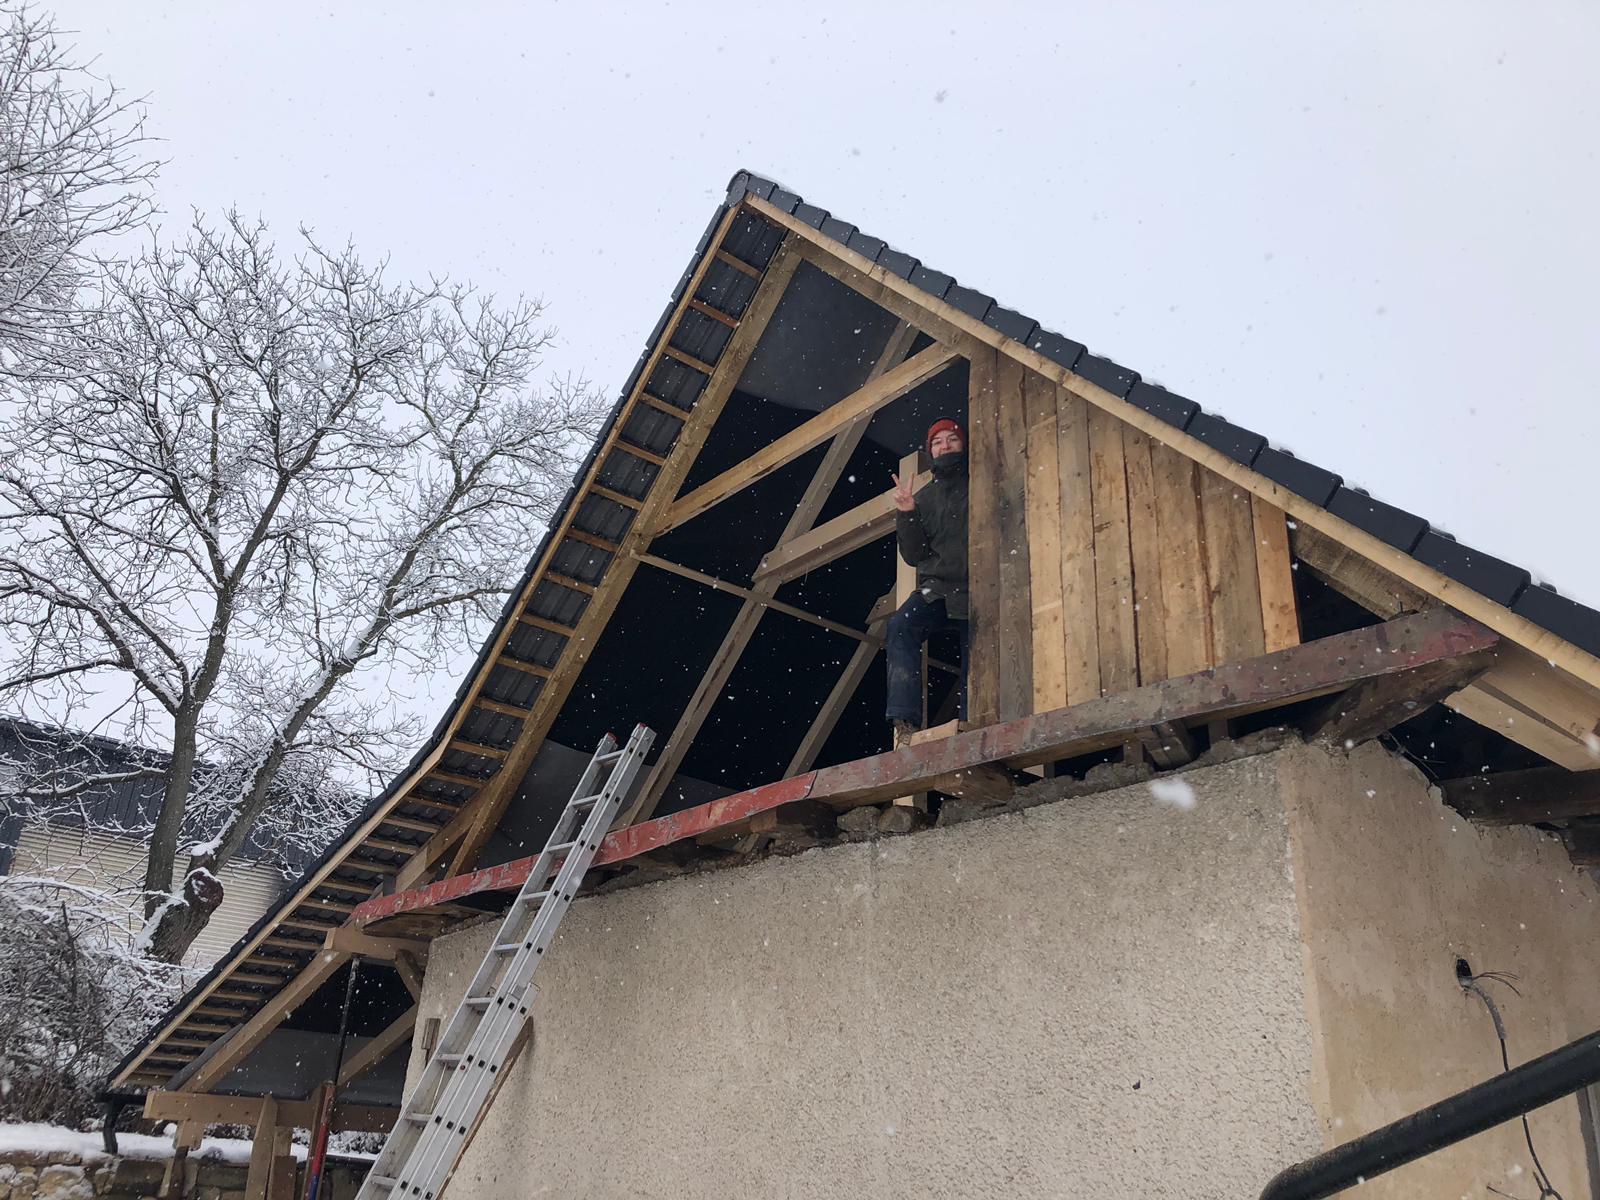 HACIENDA NAPOLI SEBECHLEBY - Dnes sice snezi ale pracujeme na druhej strane strechy aby bol aj druhy stit hotovy